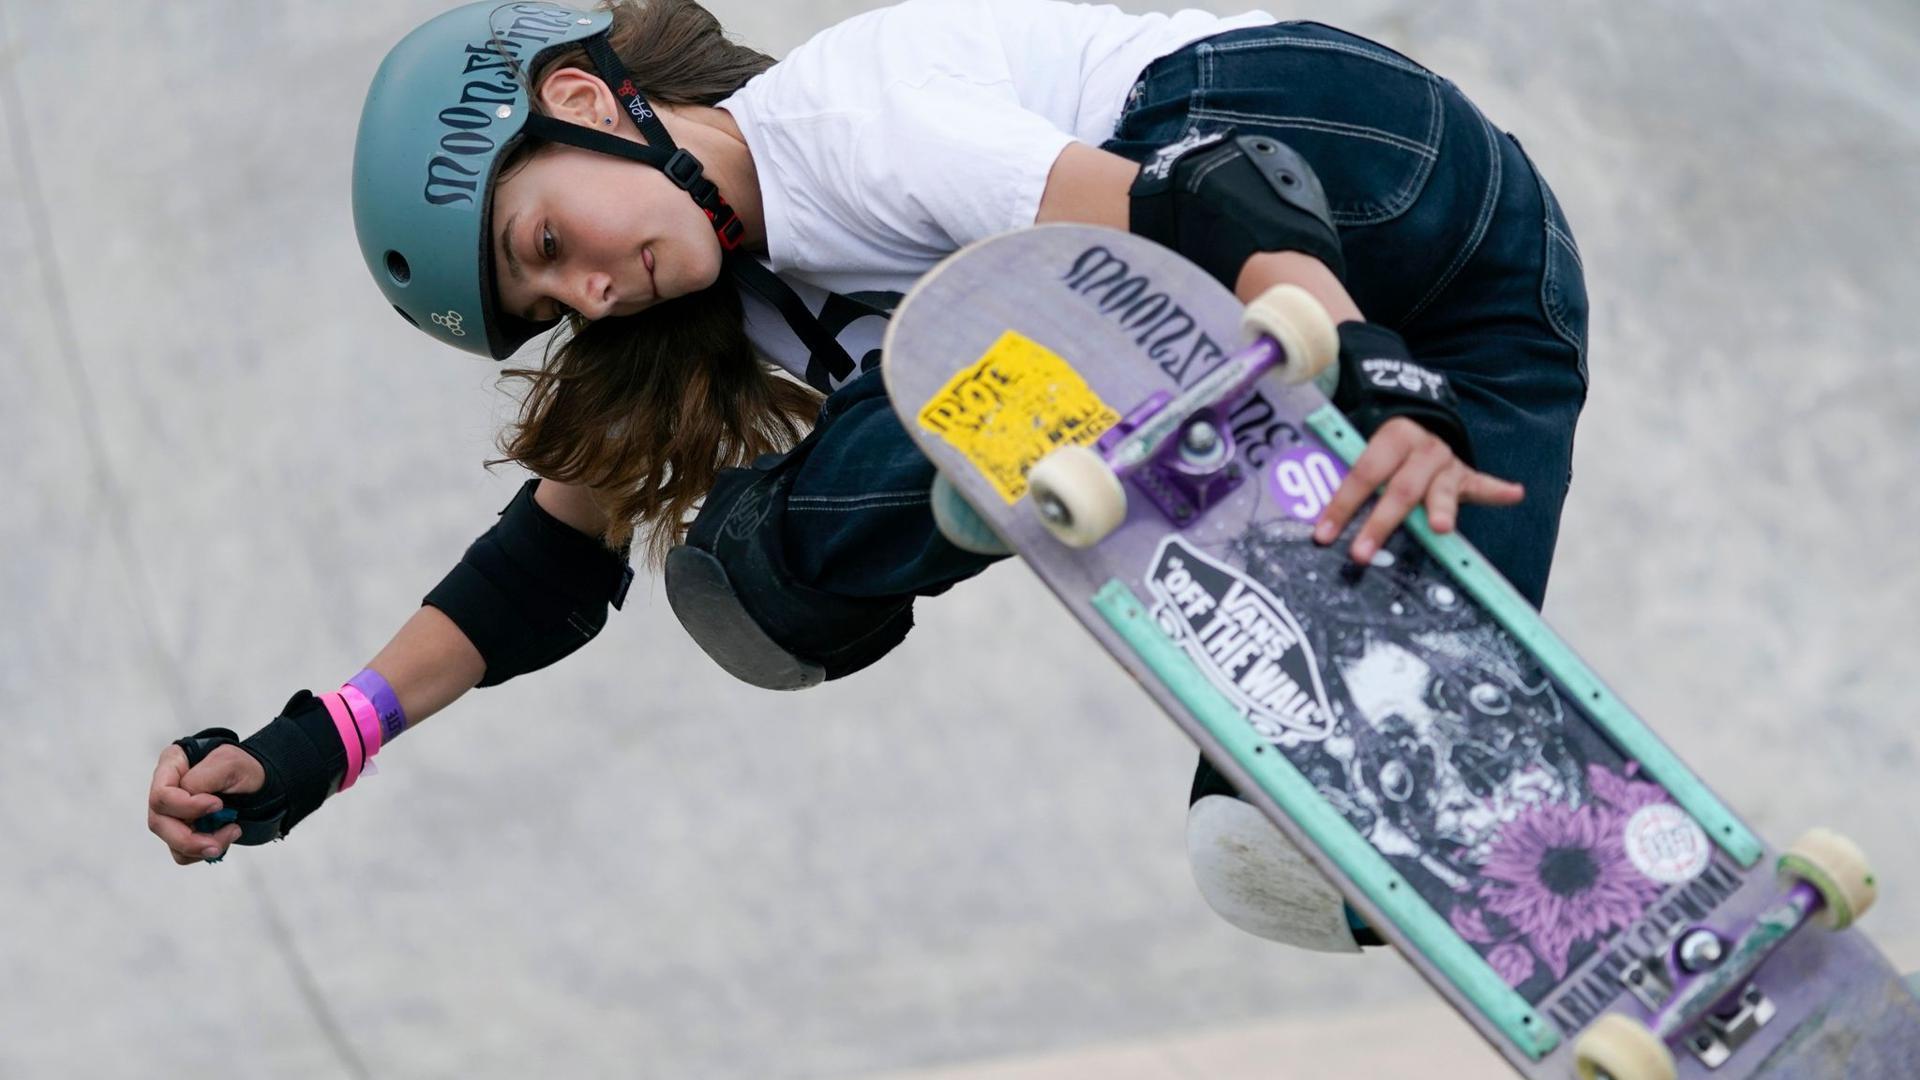 Ist die jüngste deutsche Olympia-Teilnehmerin: Skateboarderin Lilly Stoephasius.